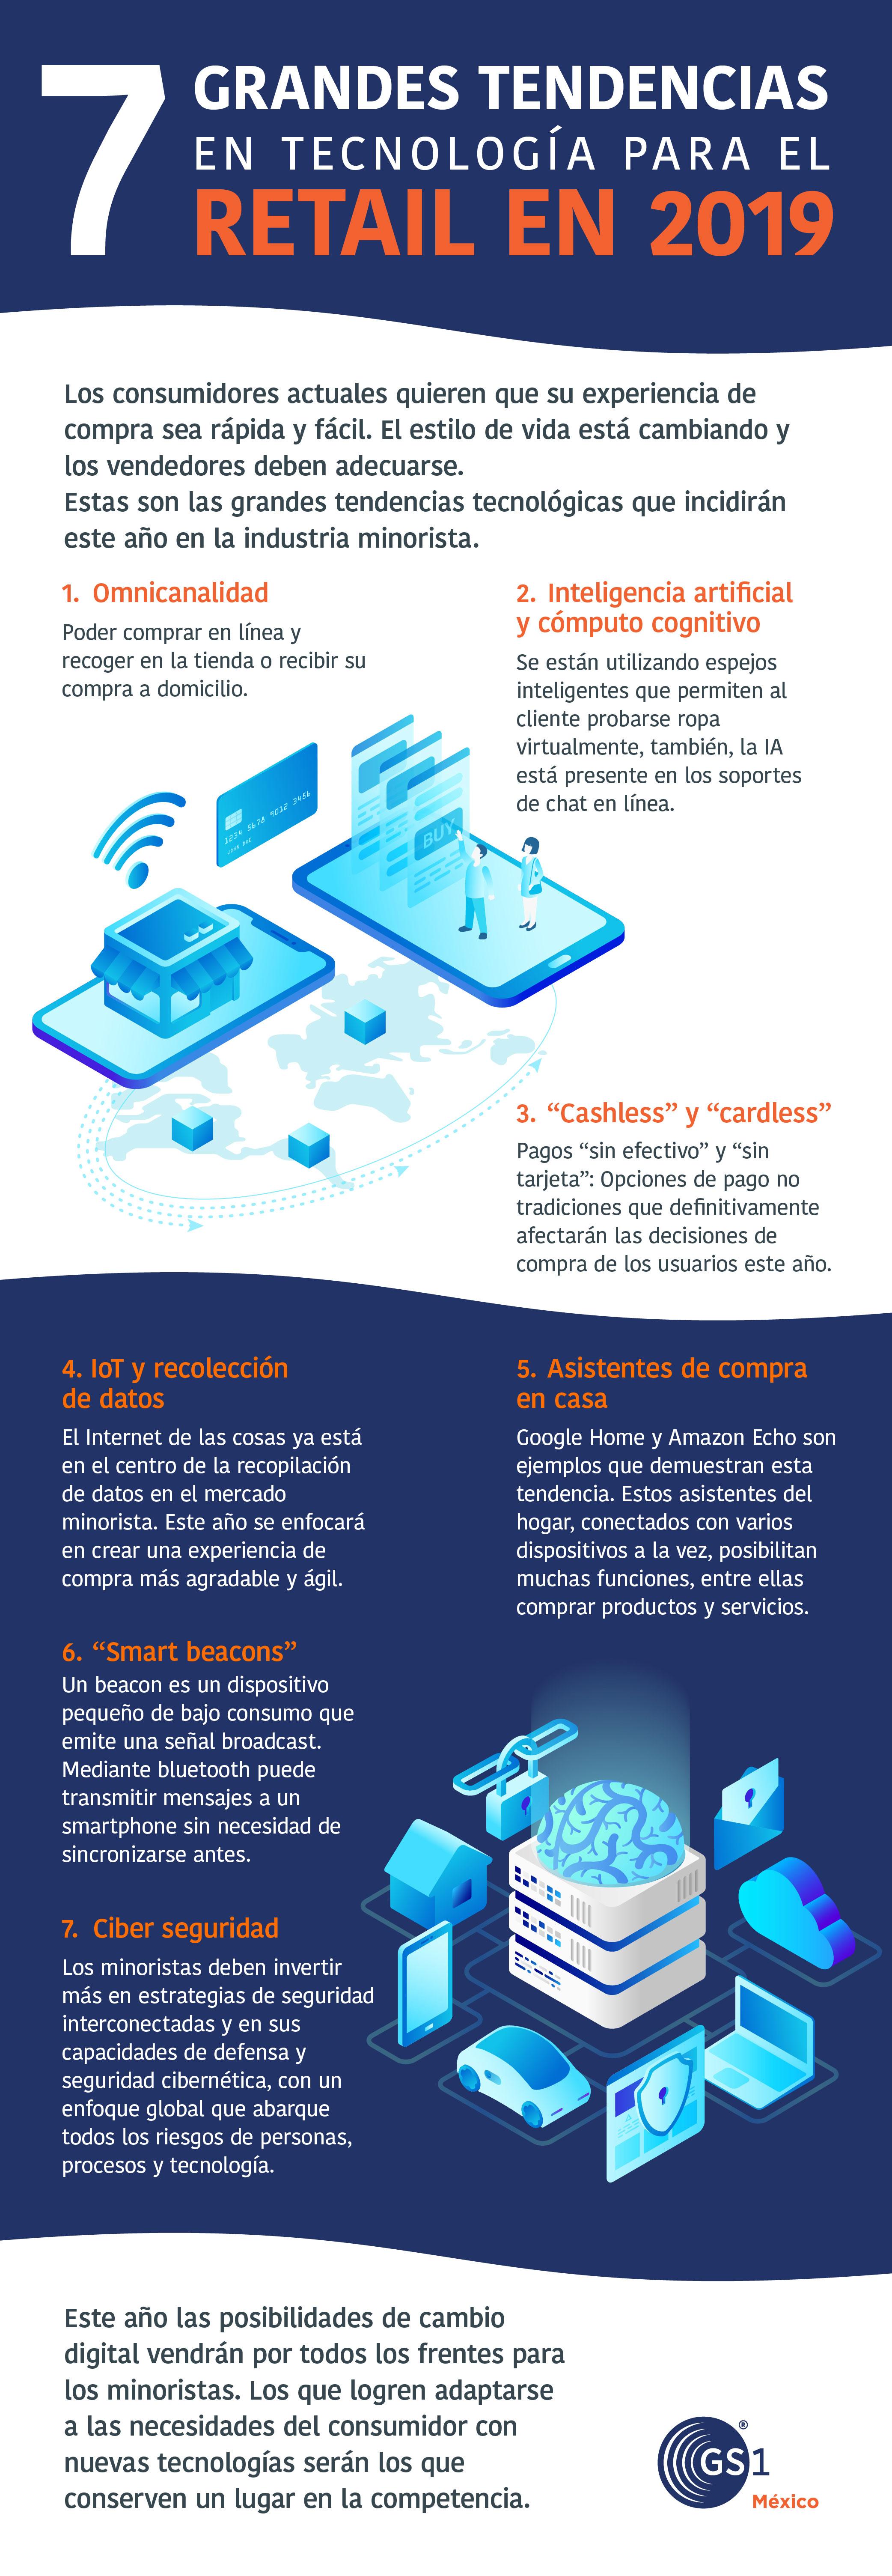 Inteligencia Artificial en Retail | Infografia de tendencias 2019